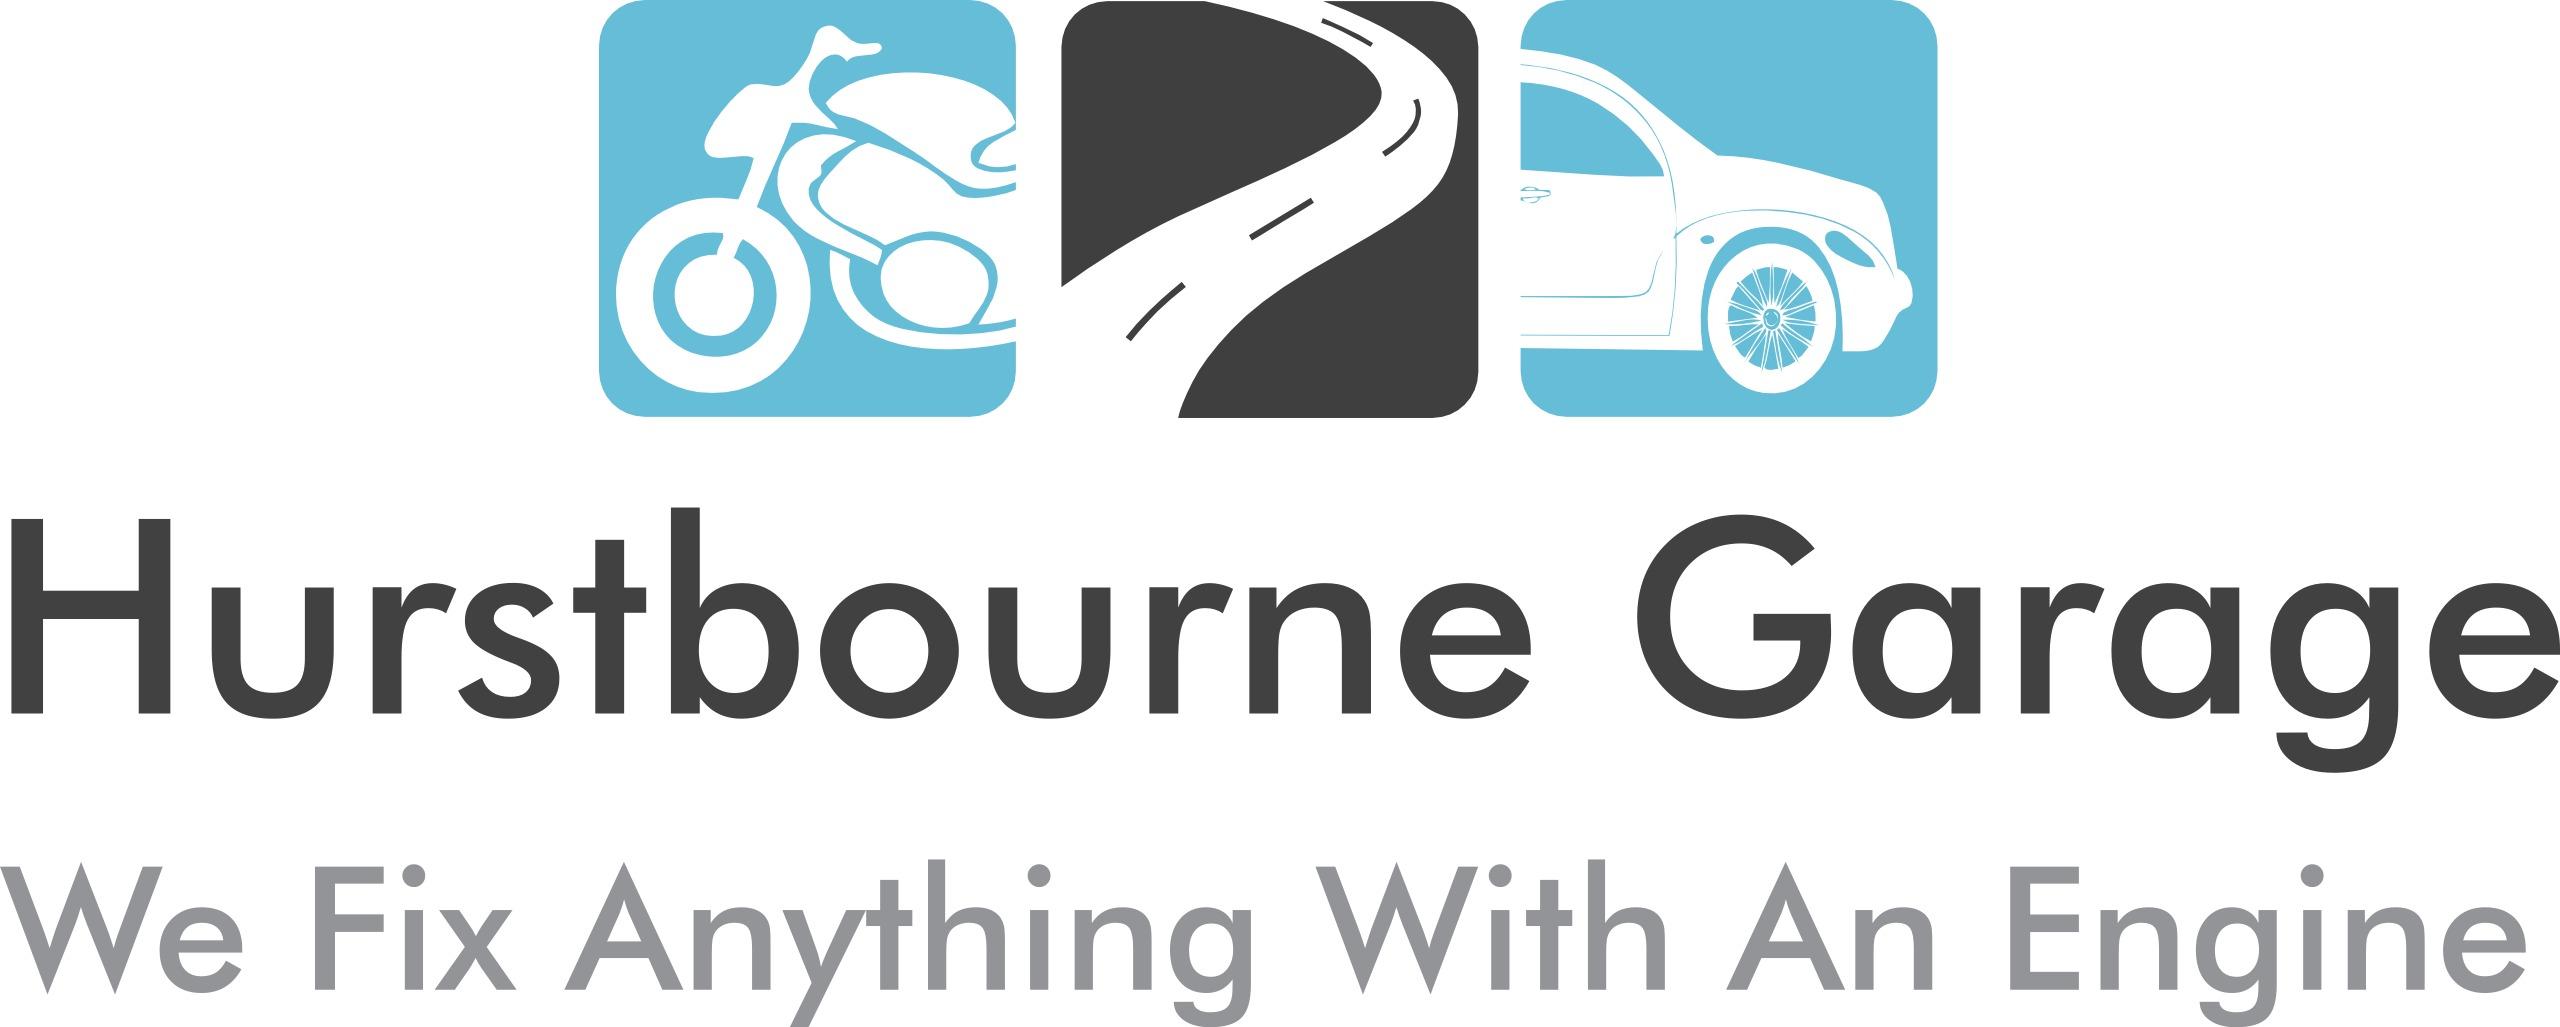 Hurstbourne Garage